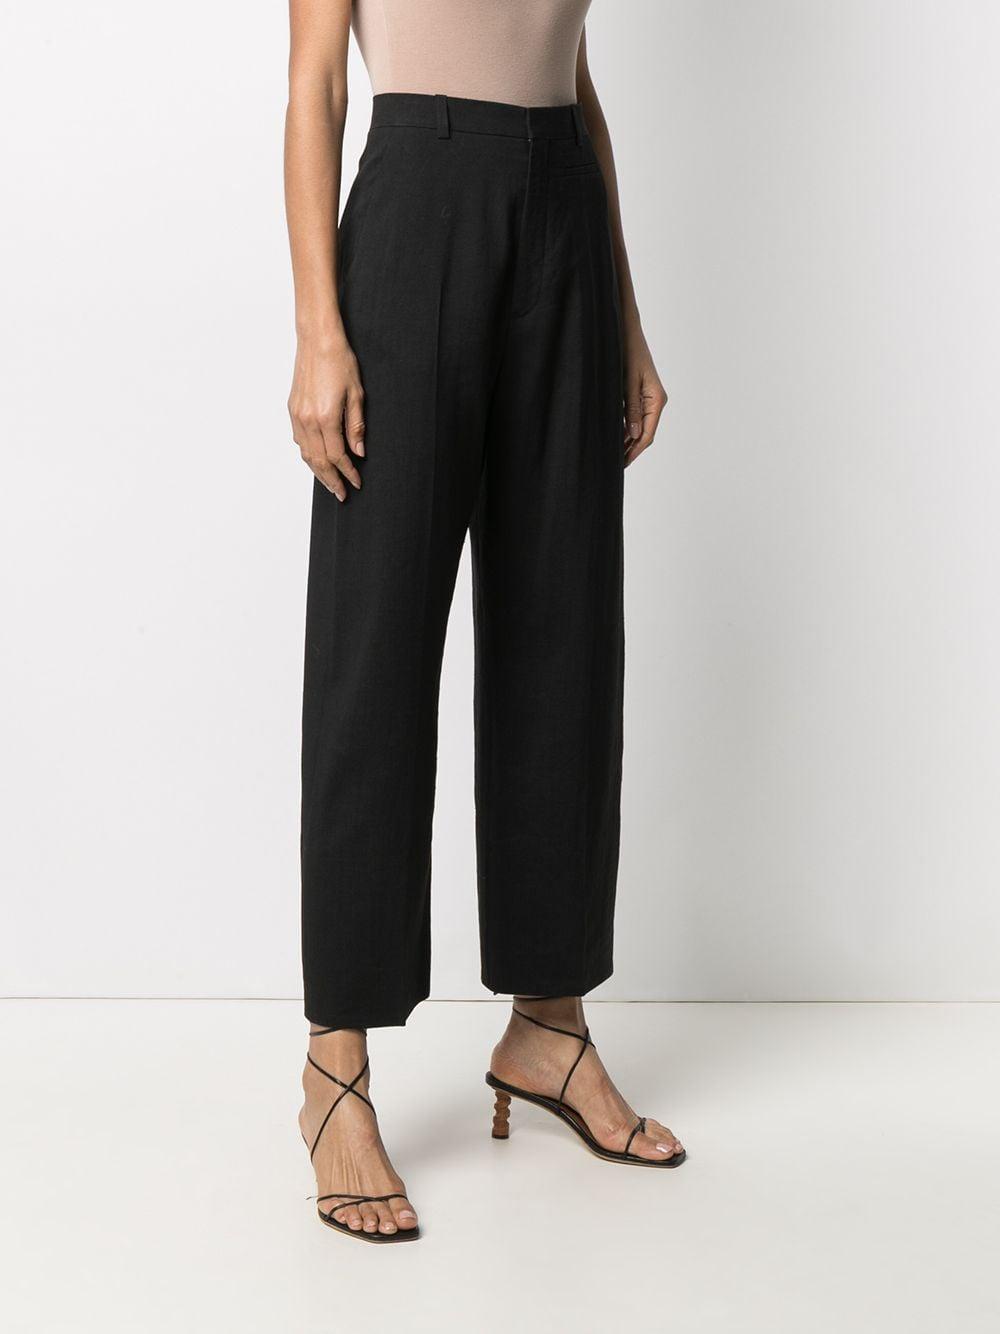 Pantaloni neri Le Pantalon Santon in cotone e lana vergine con vita alta JACQUEMUS   Pantaloni   211PA02-103990